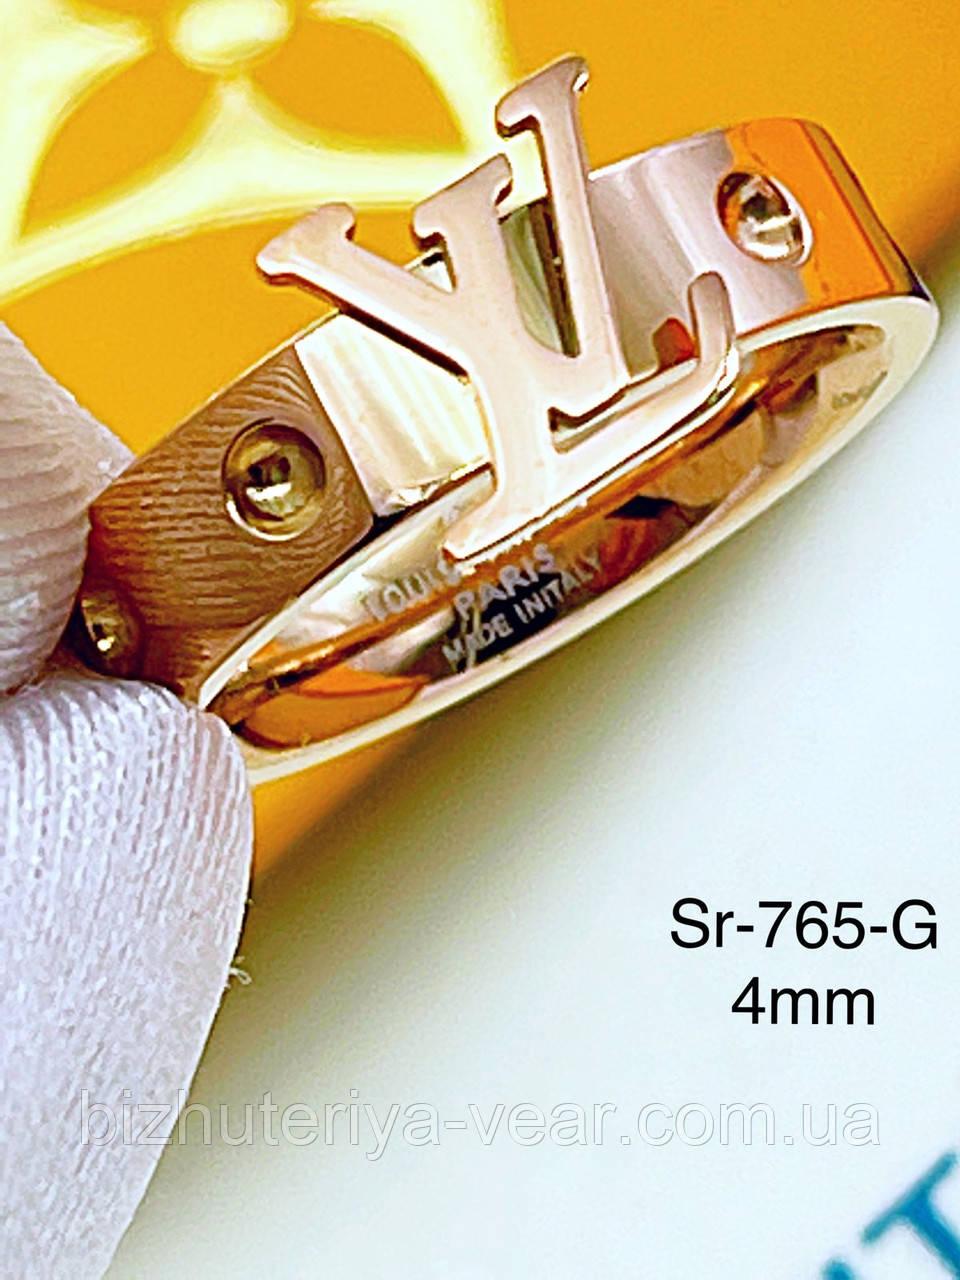 КІЛЬЦЕ STAINLESS STEEL(ПРЕМІУМ) Sr-765(6,7,8,9)